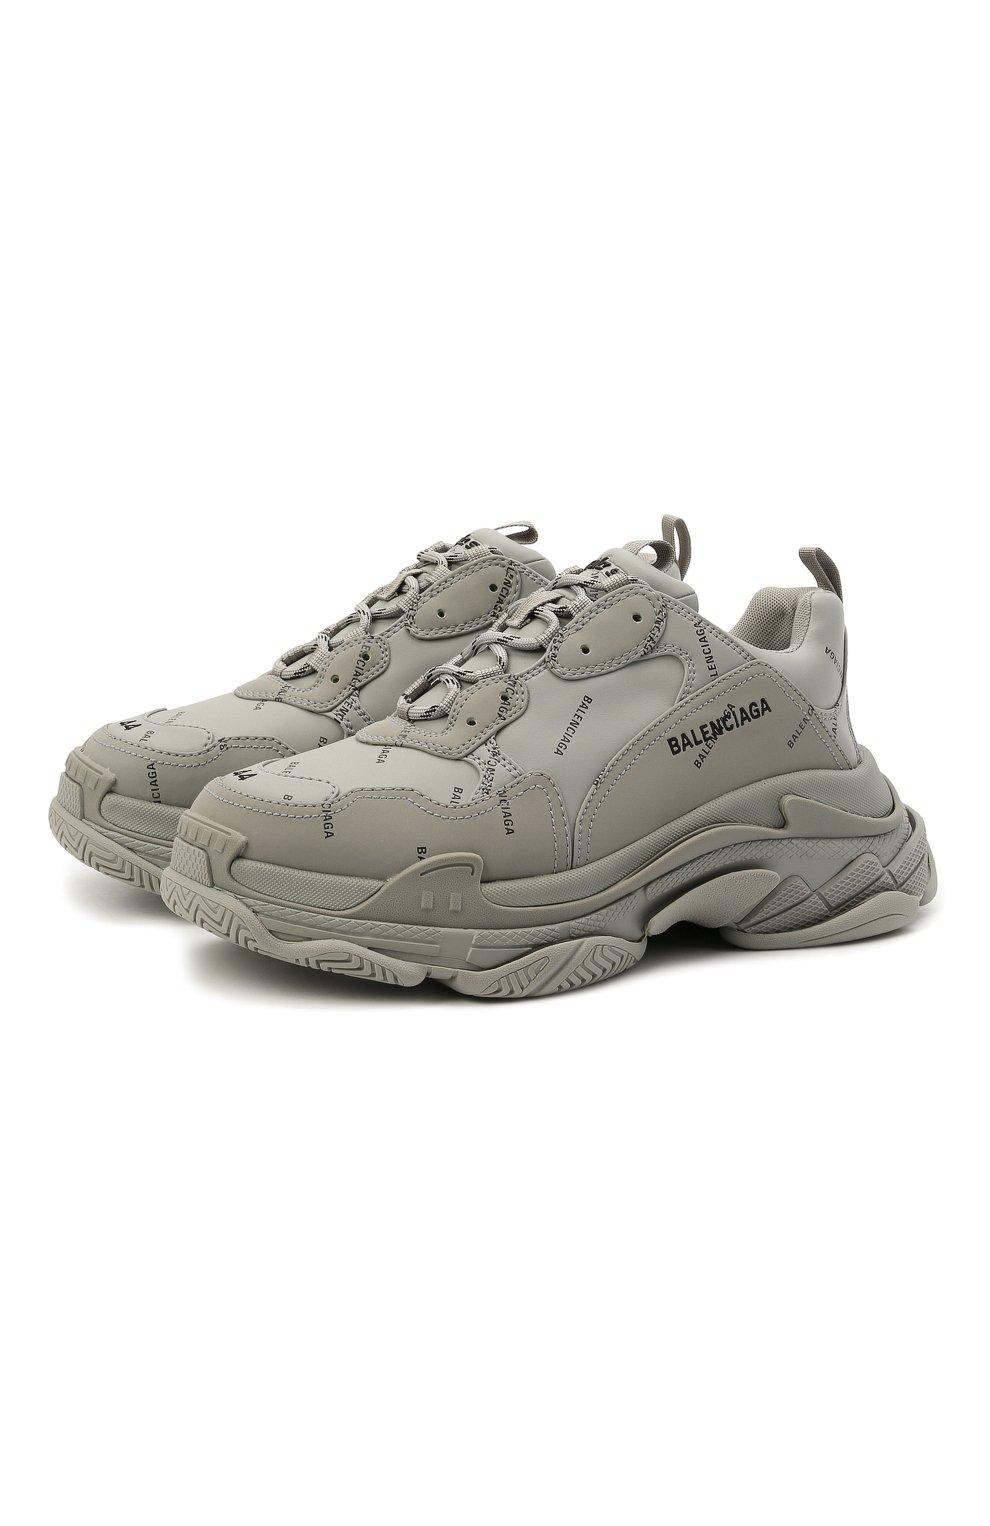 Мужские комбинированные кроссовки triple s BALENCIAGA серого цвета, арт. 536737/W2FA1 | Фото 1 (Материал внешний: Текстиль; Материал внутренний: Текстиль; Подошва: Массивная)